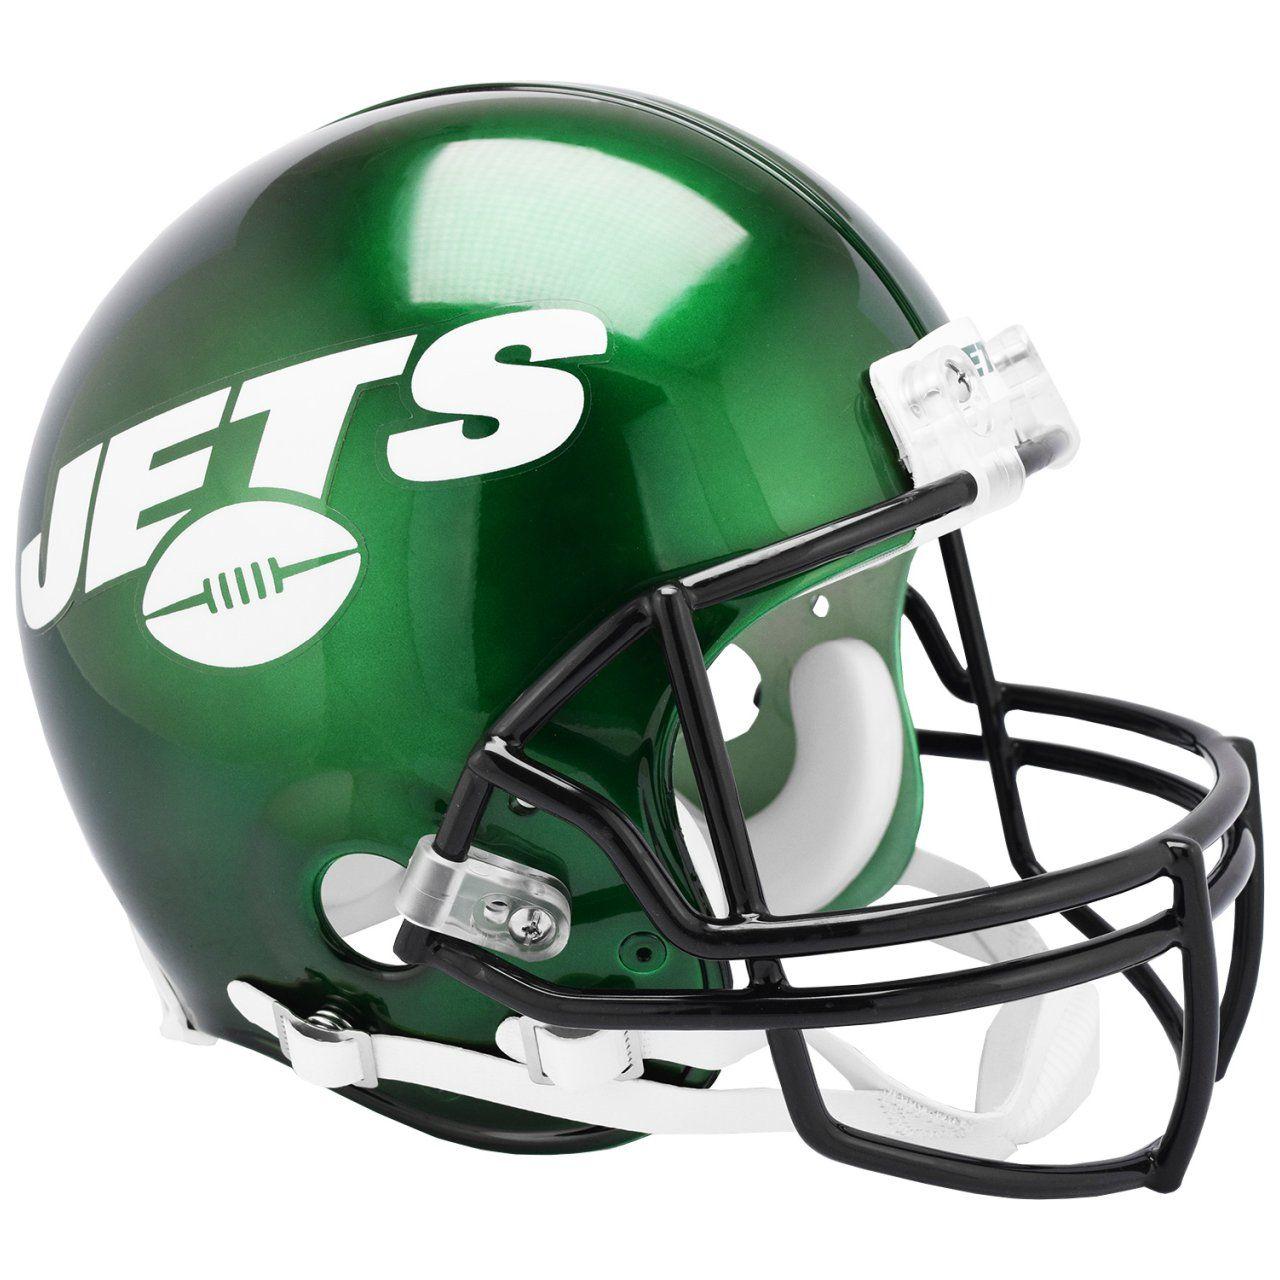 amfoo - Riddell VSR4 Authentic Football Helm - NFL New York Jets